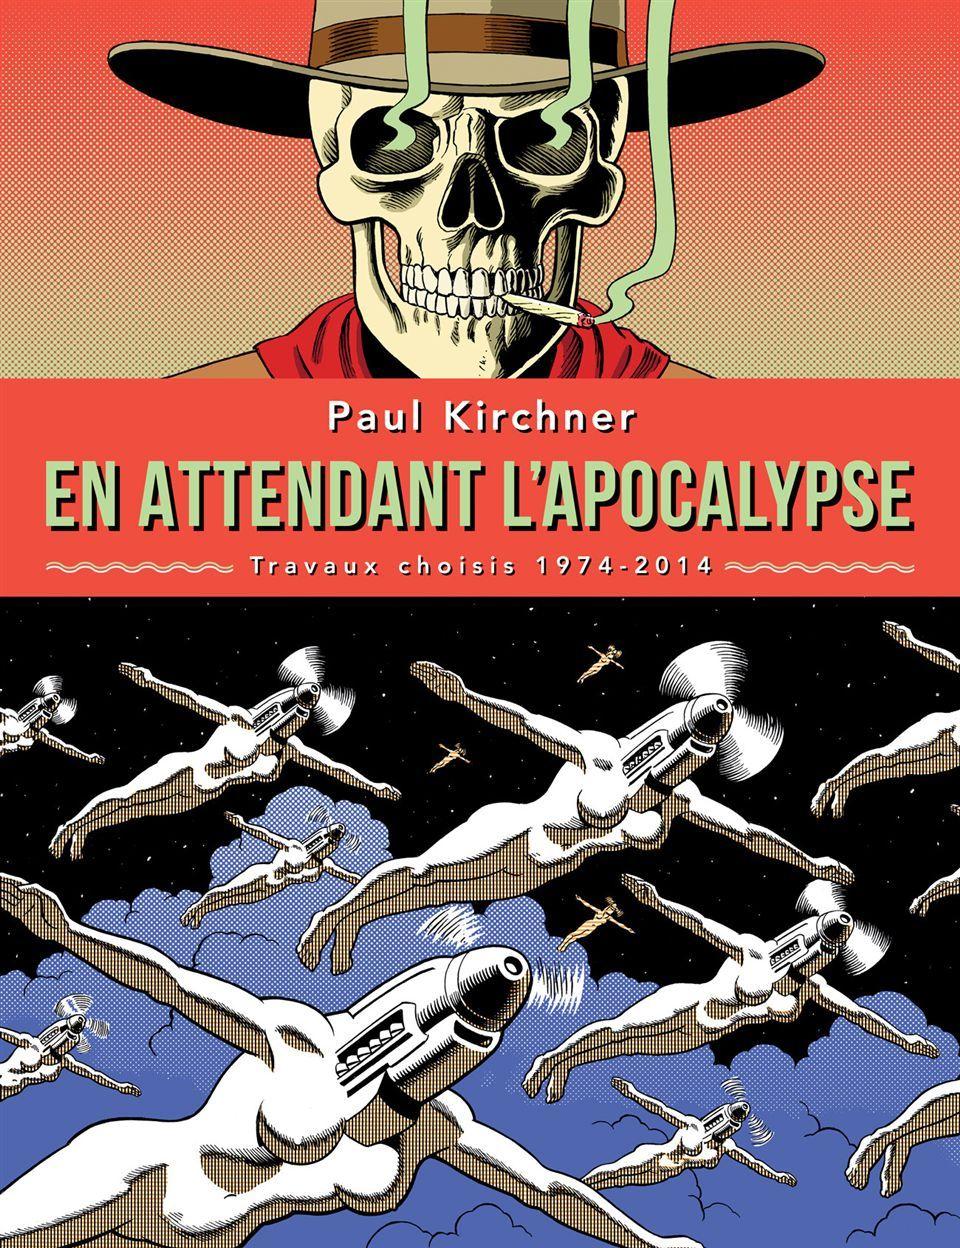 EN ATTENDANT L'APOCALYPSE